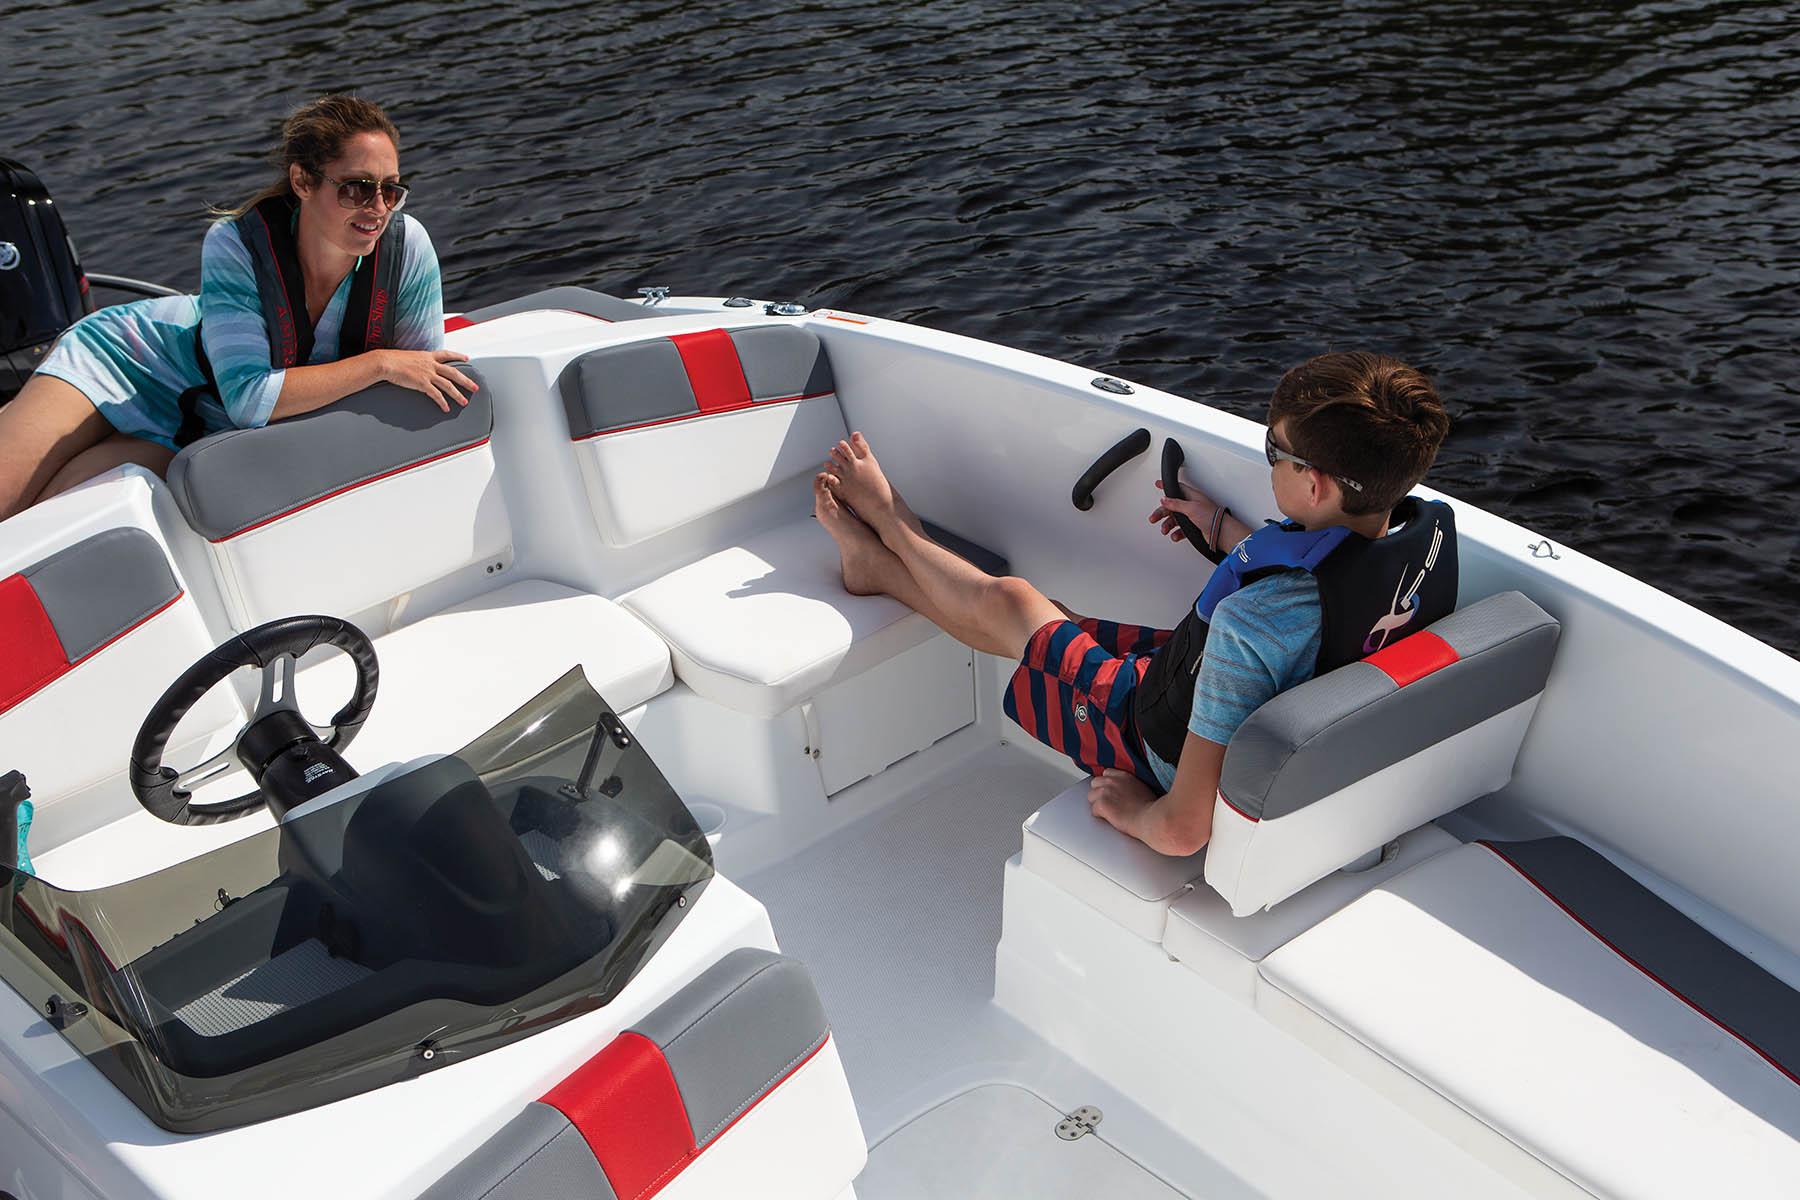 New  2021 Tahoe Boats Bow Rider in Marrero, Louisiana